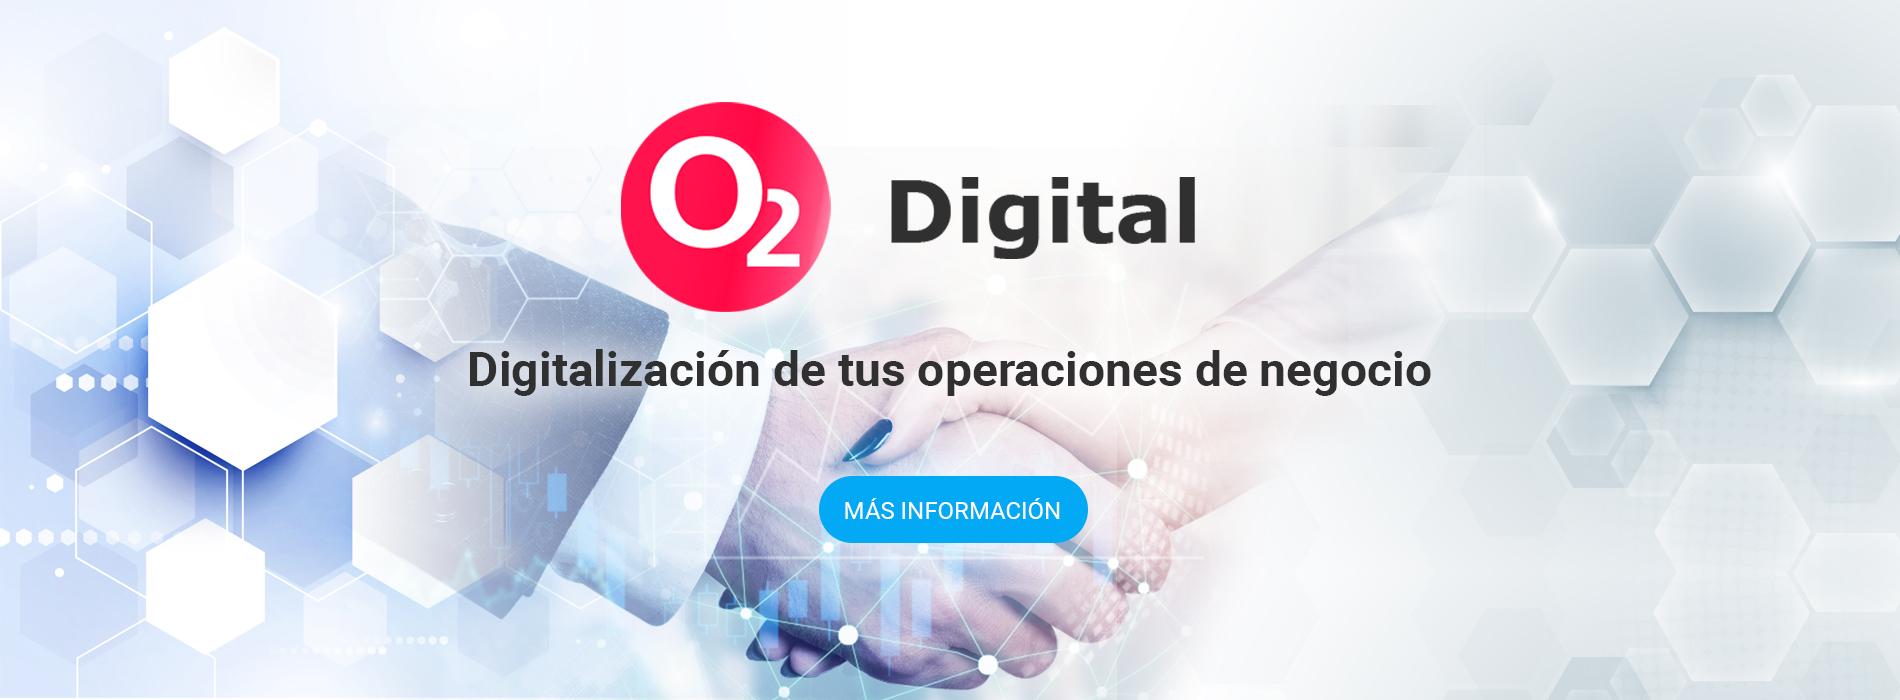 O2 Digital - Digitalización procesos de negocio